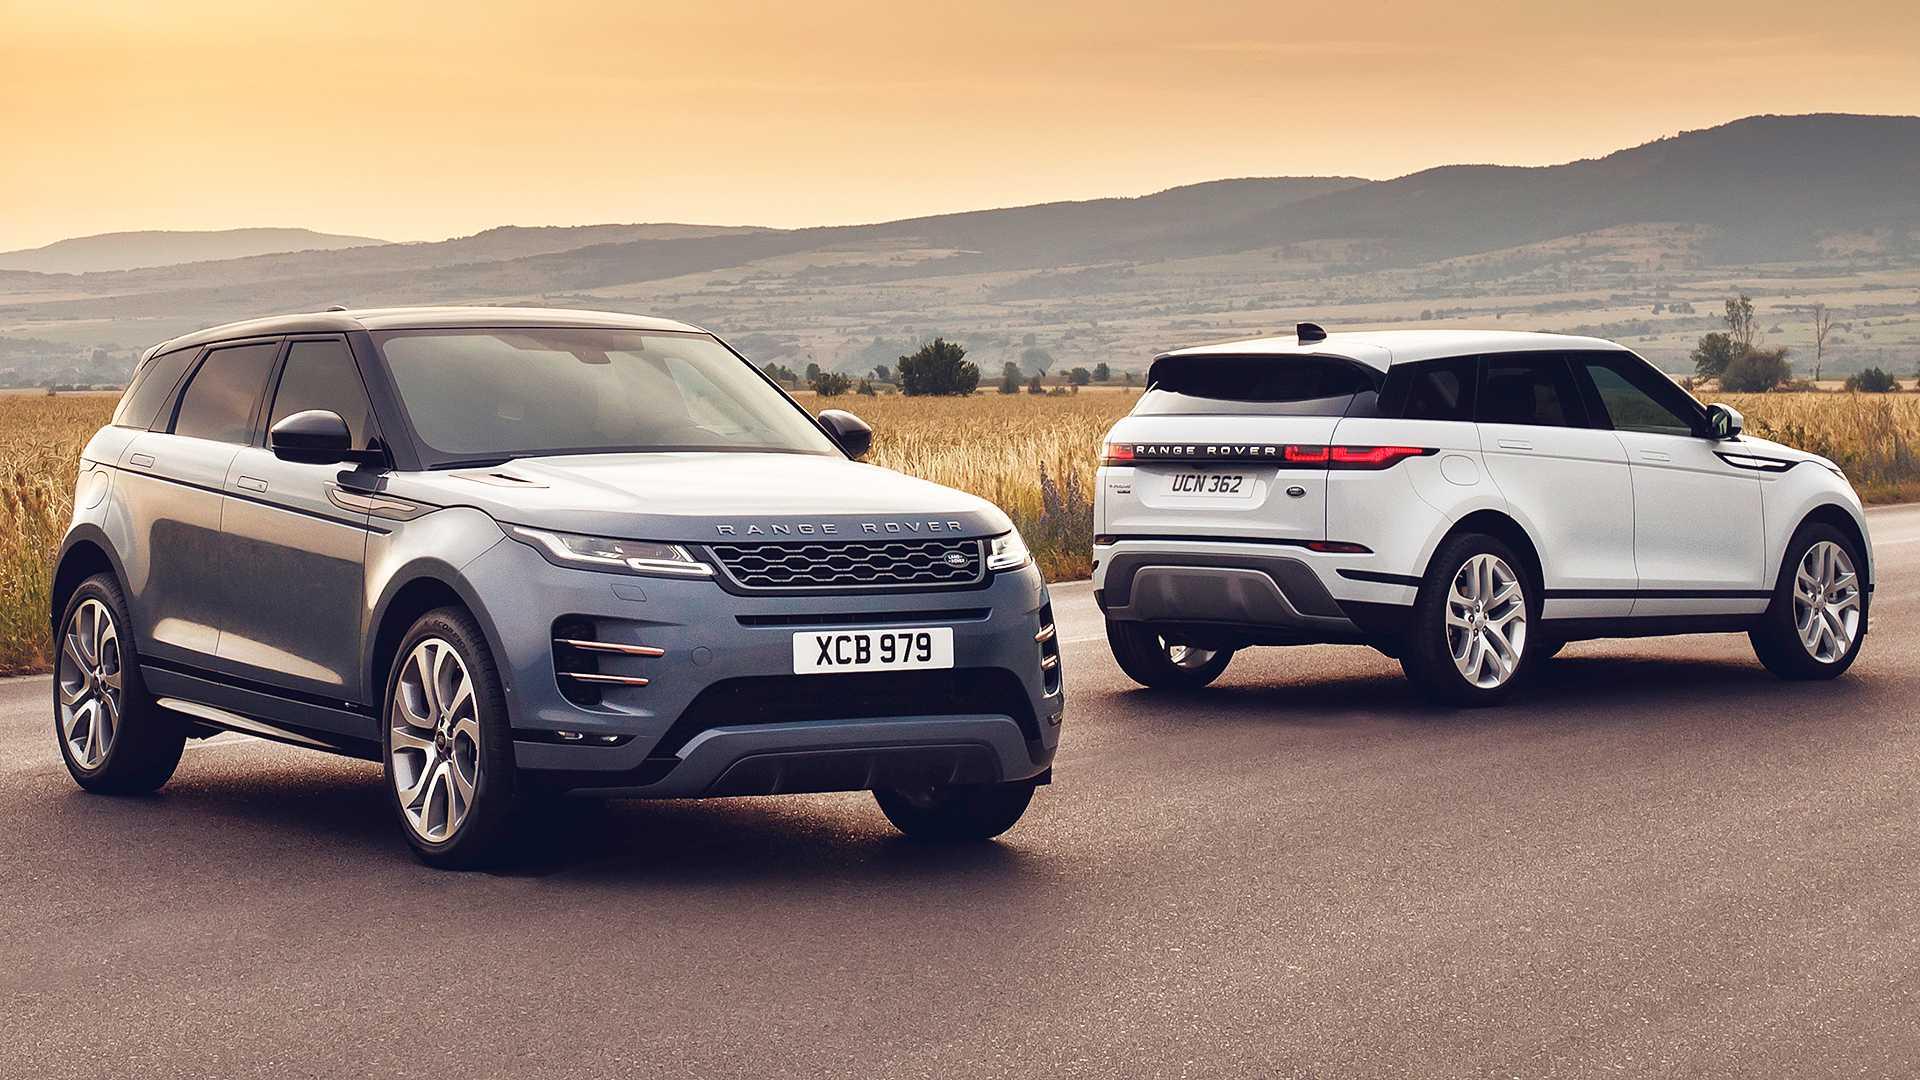 """El primer Land Rover 100% eléctrico lo veremos en 2021 y será """"menos todoterreno"""""""